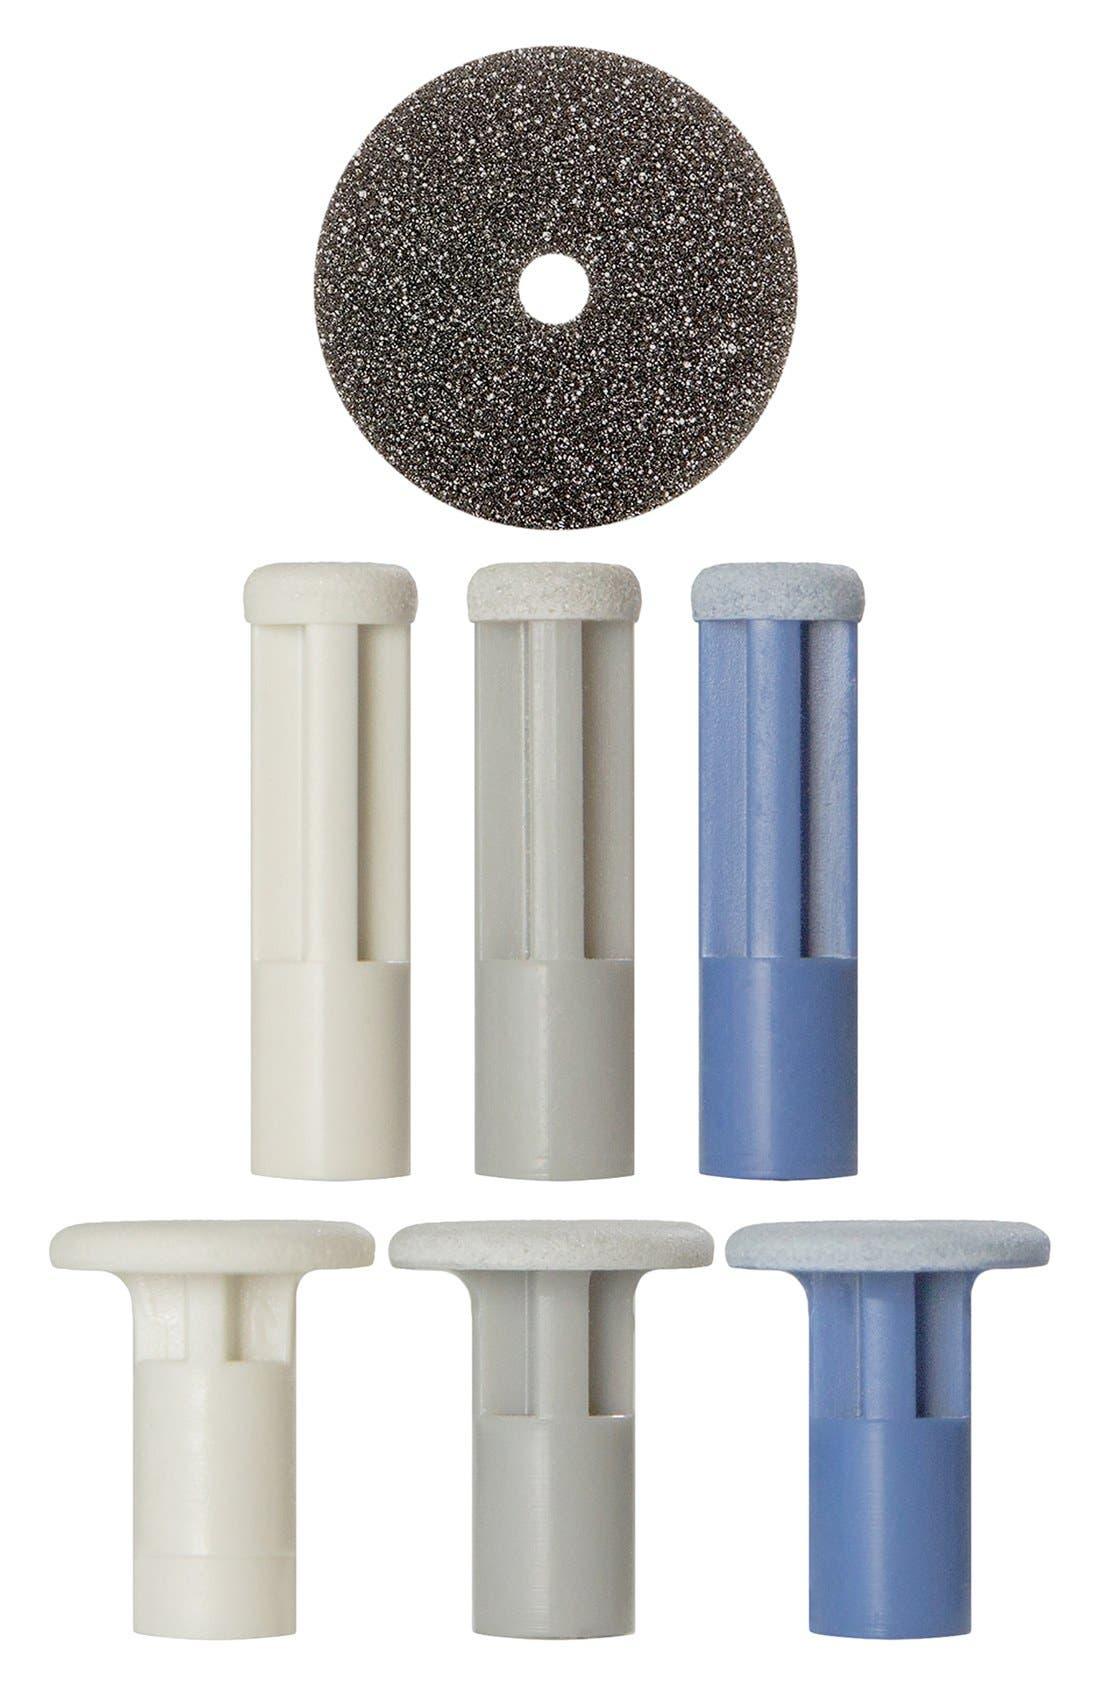 Sensitive Kit Replacement Discs,                         Main,                         color, NONE